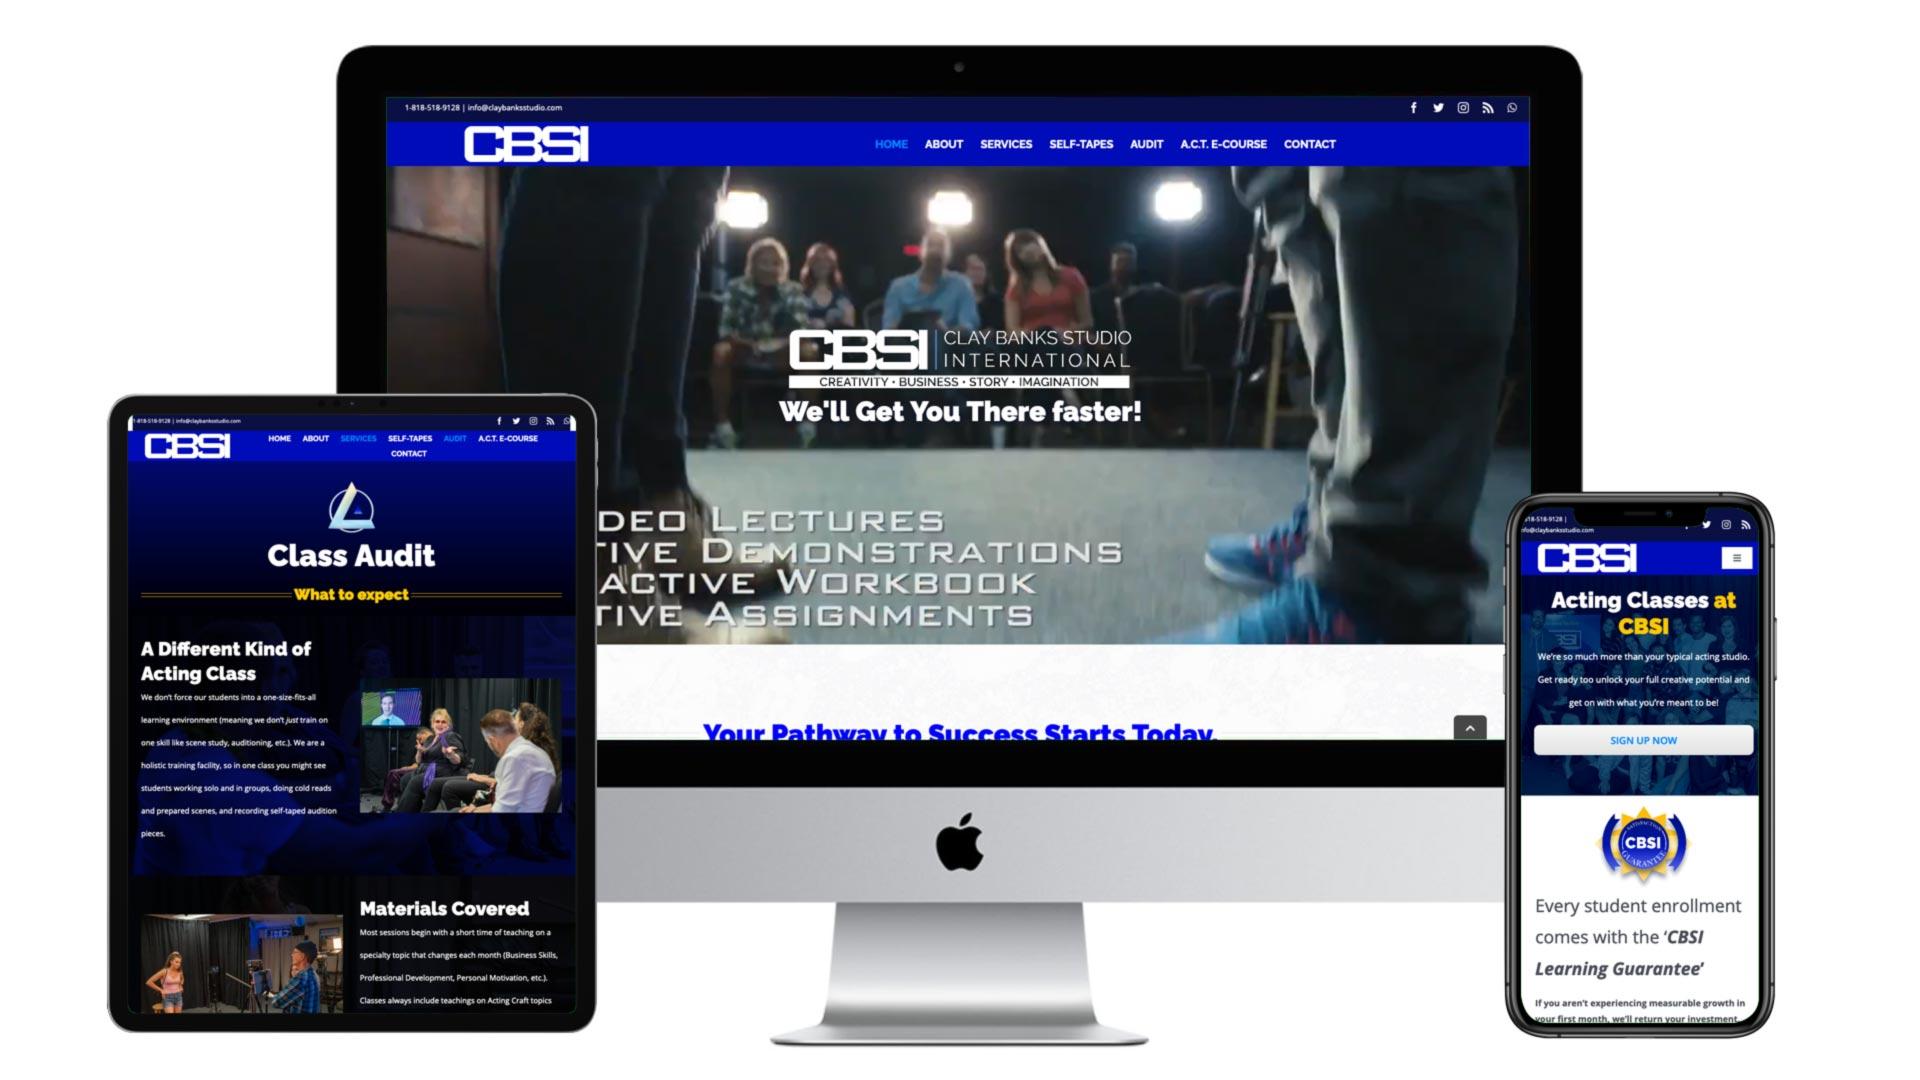 CBSI website display devices